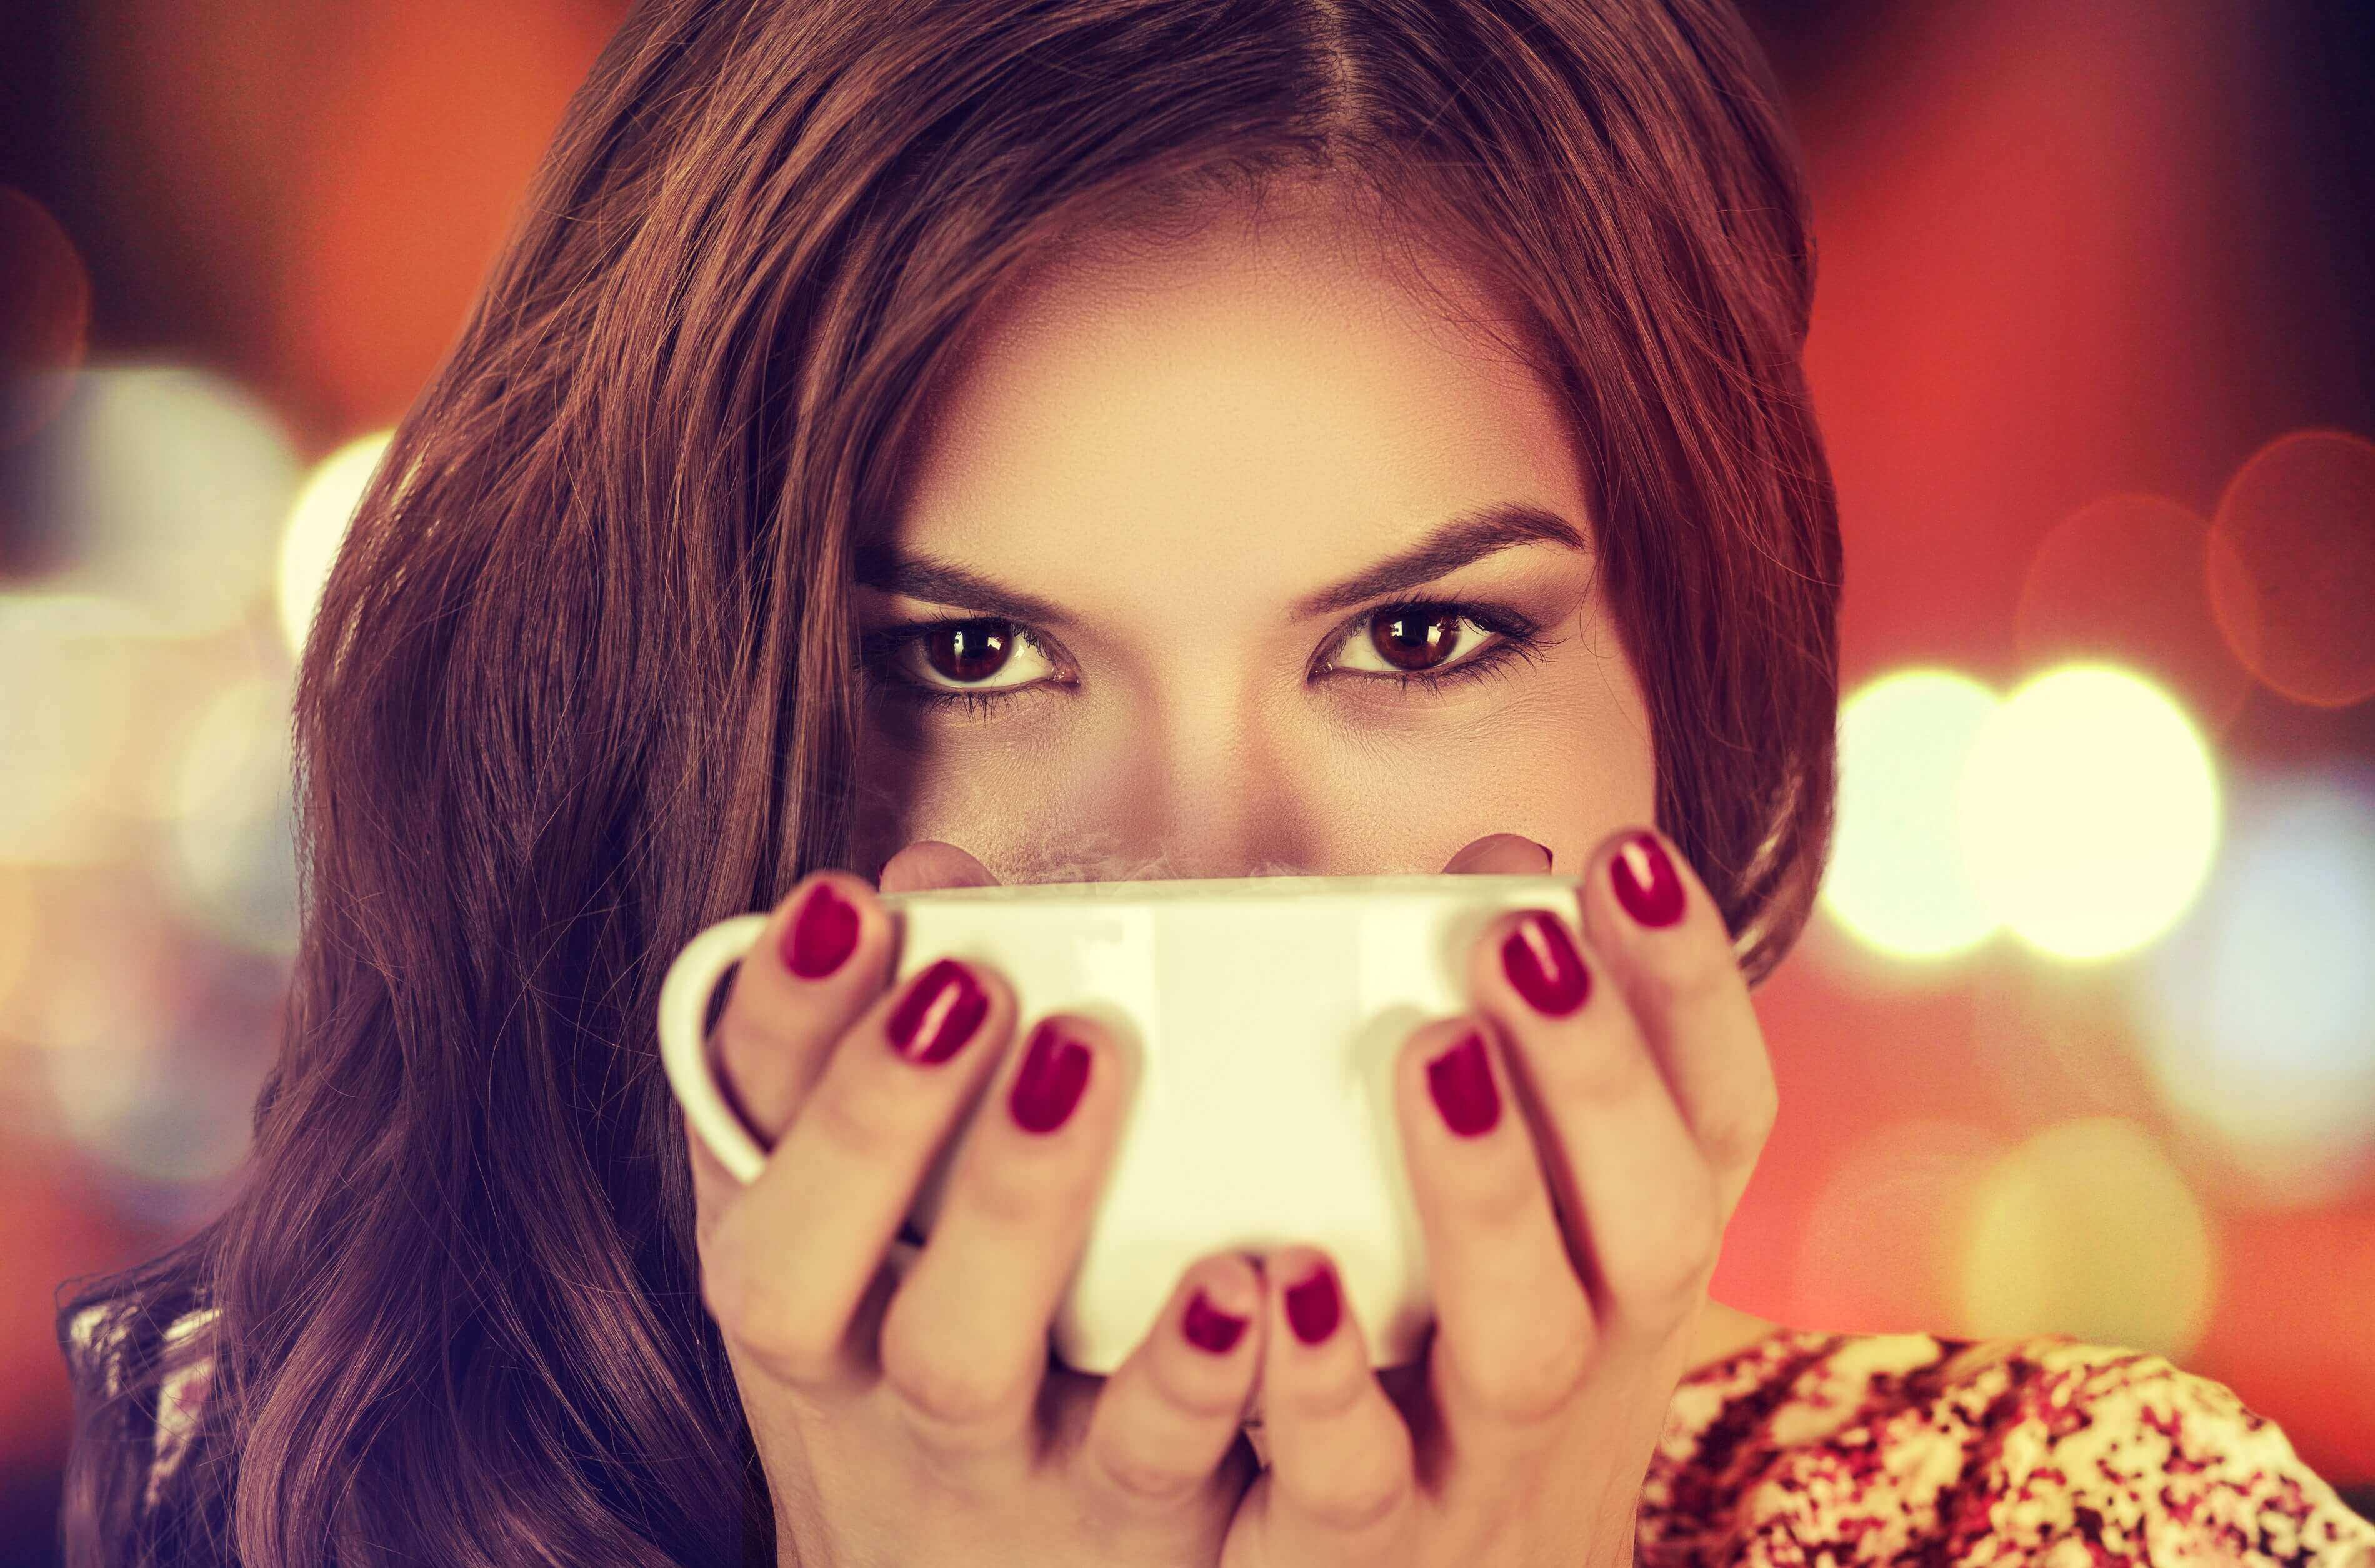 Pijesz kawę? 4 rzeczy, których nie wiesz o jej wpływie na organizm